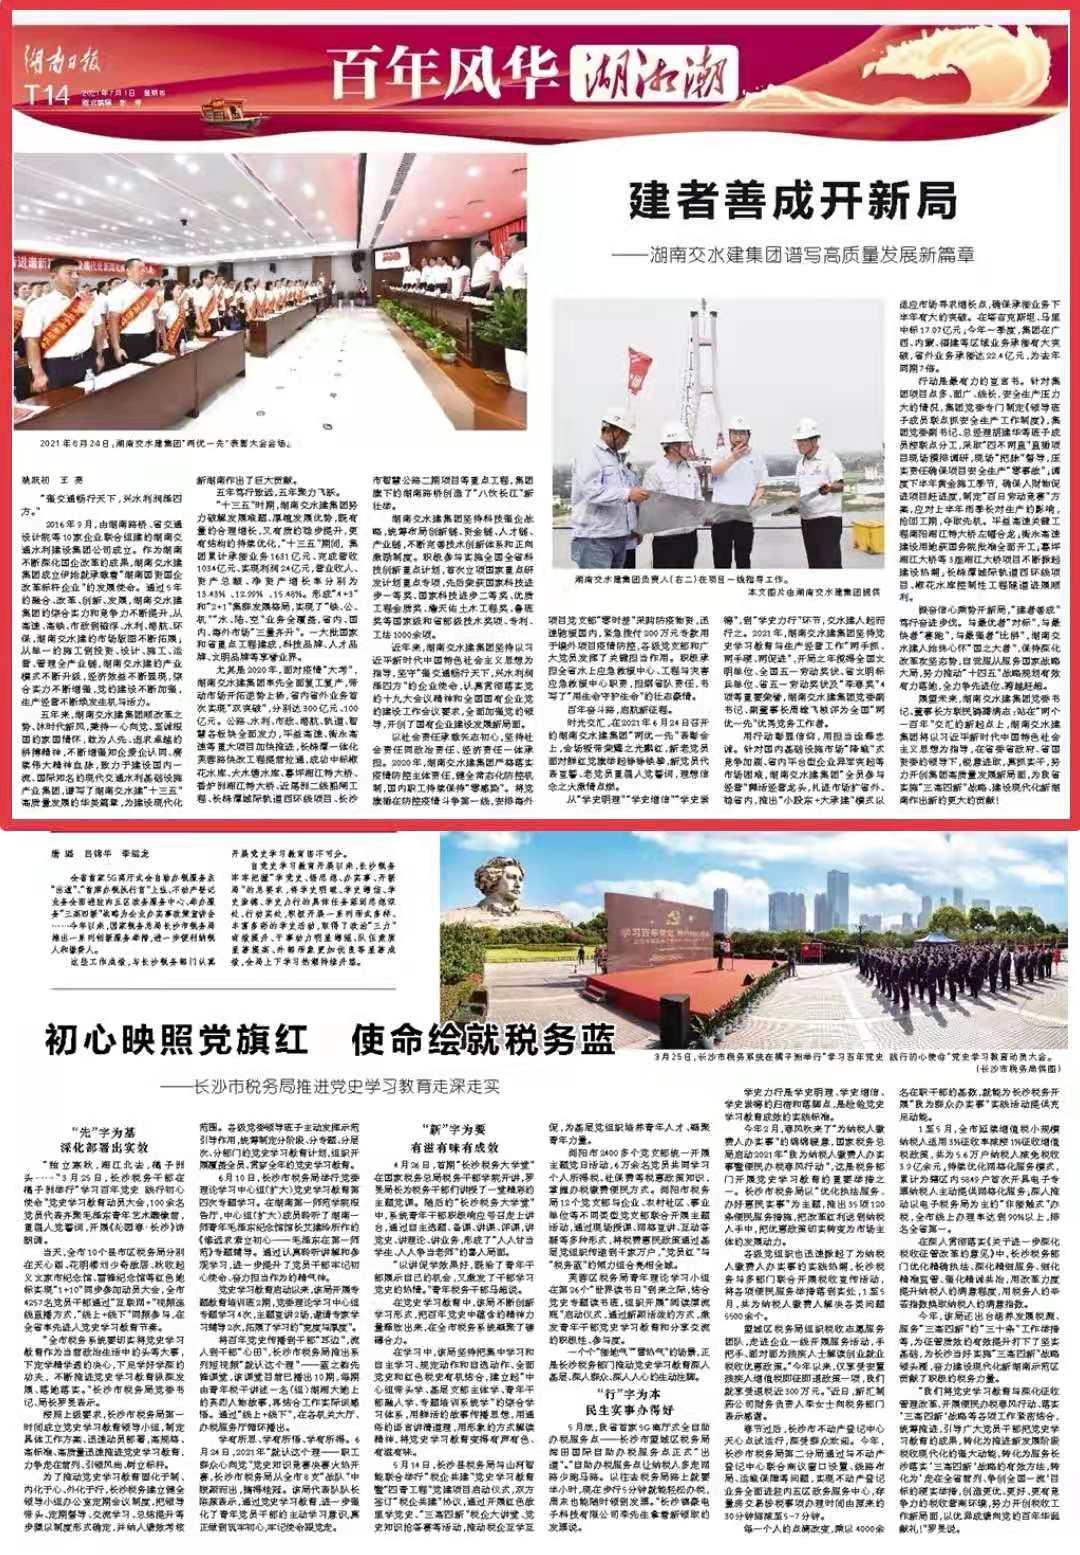 湖南日报专题丨建者善成开新局——湖南交水建集团谱写高质量发展新篇章